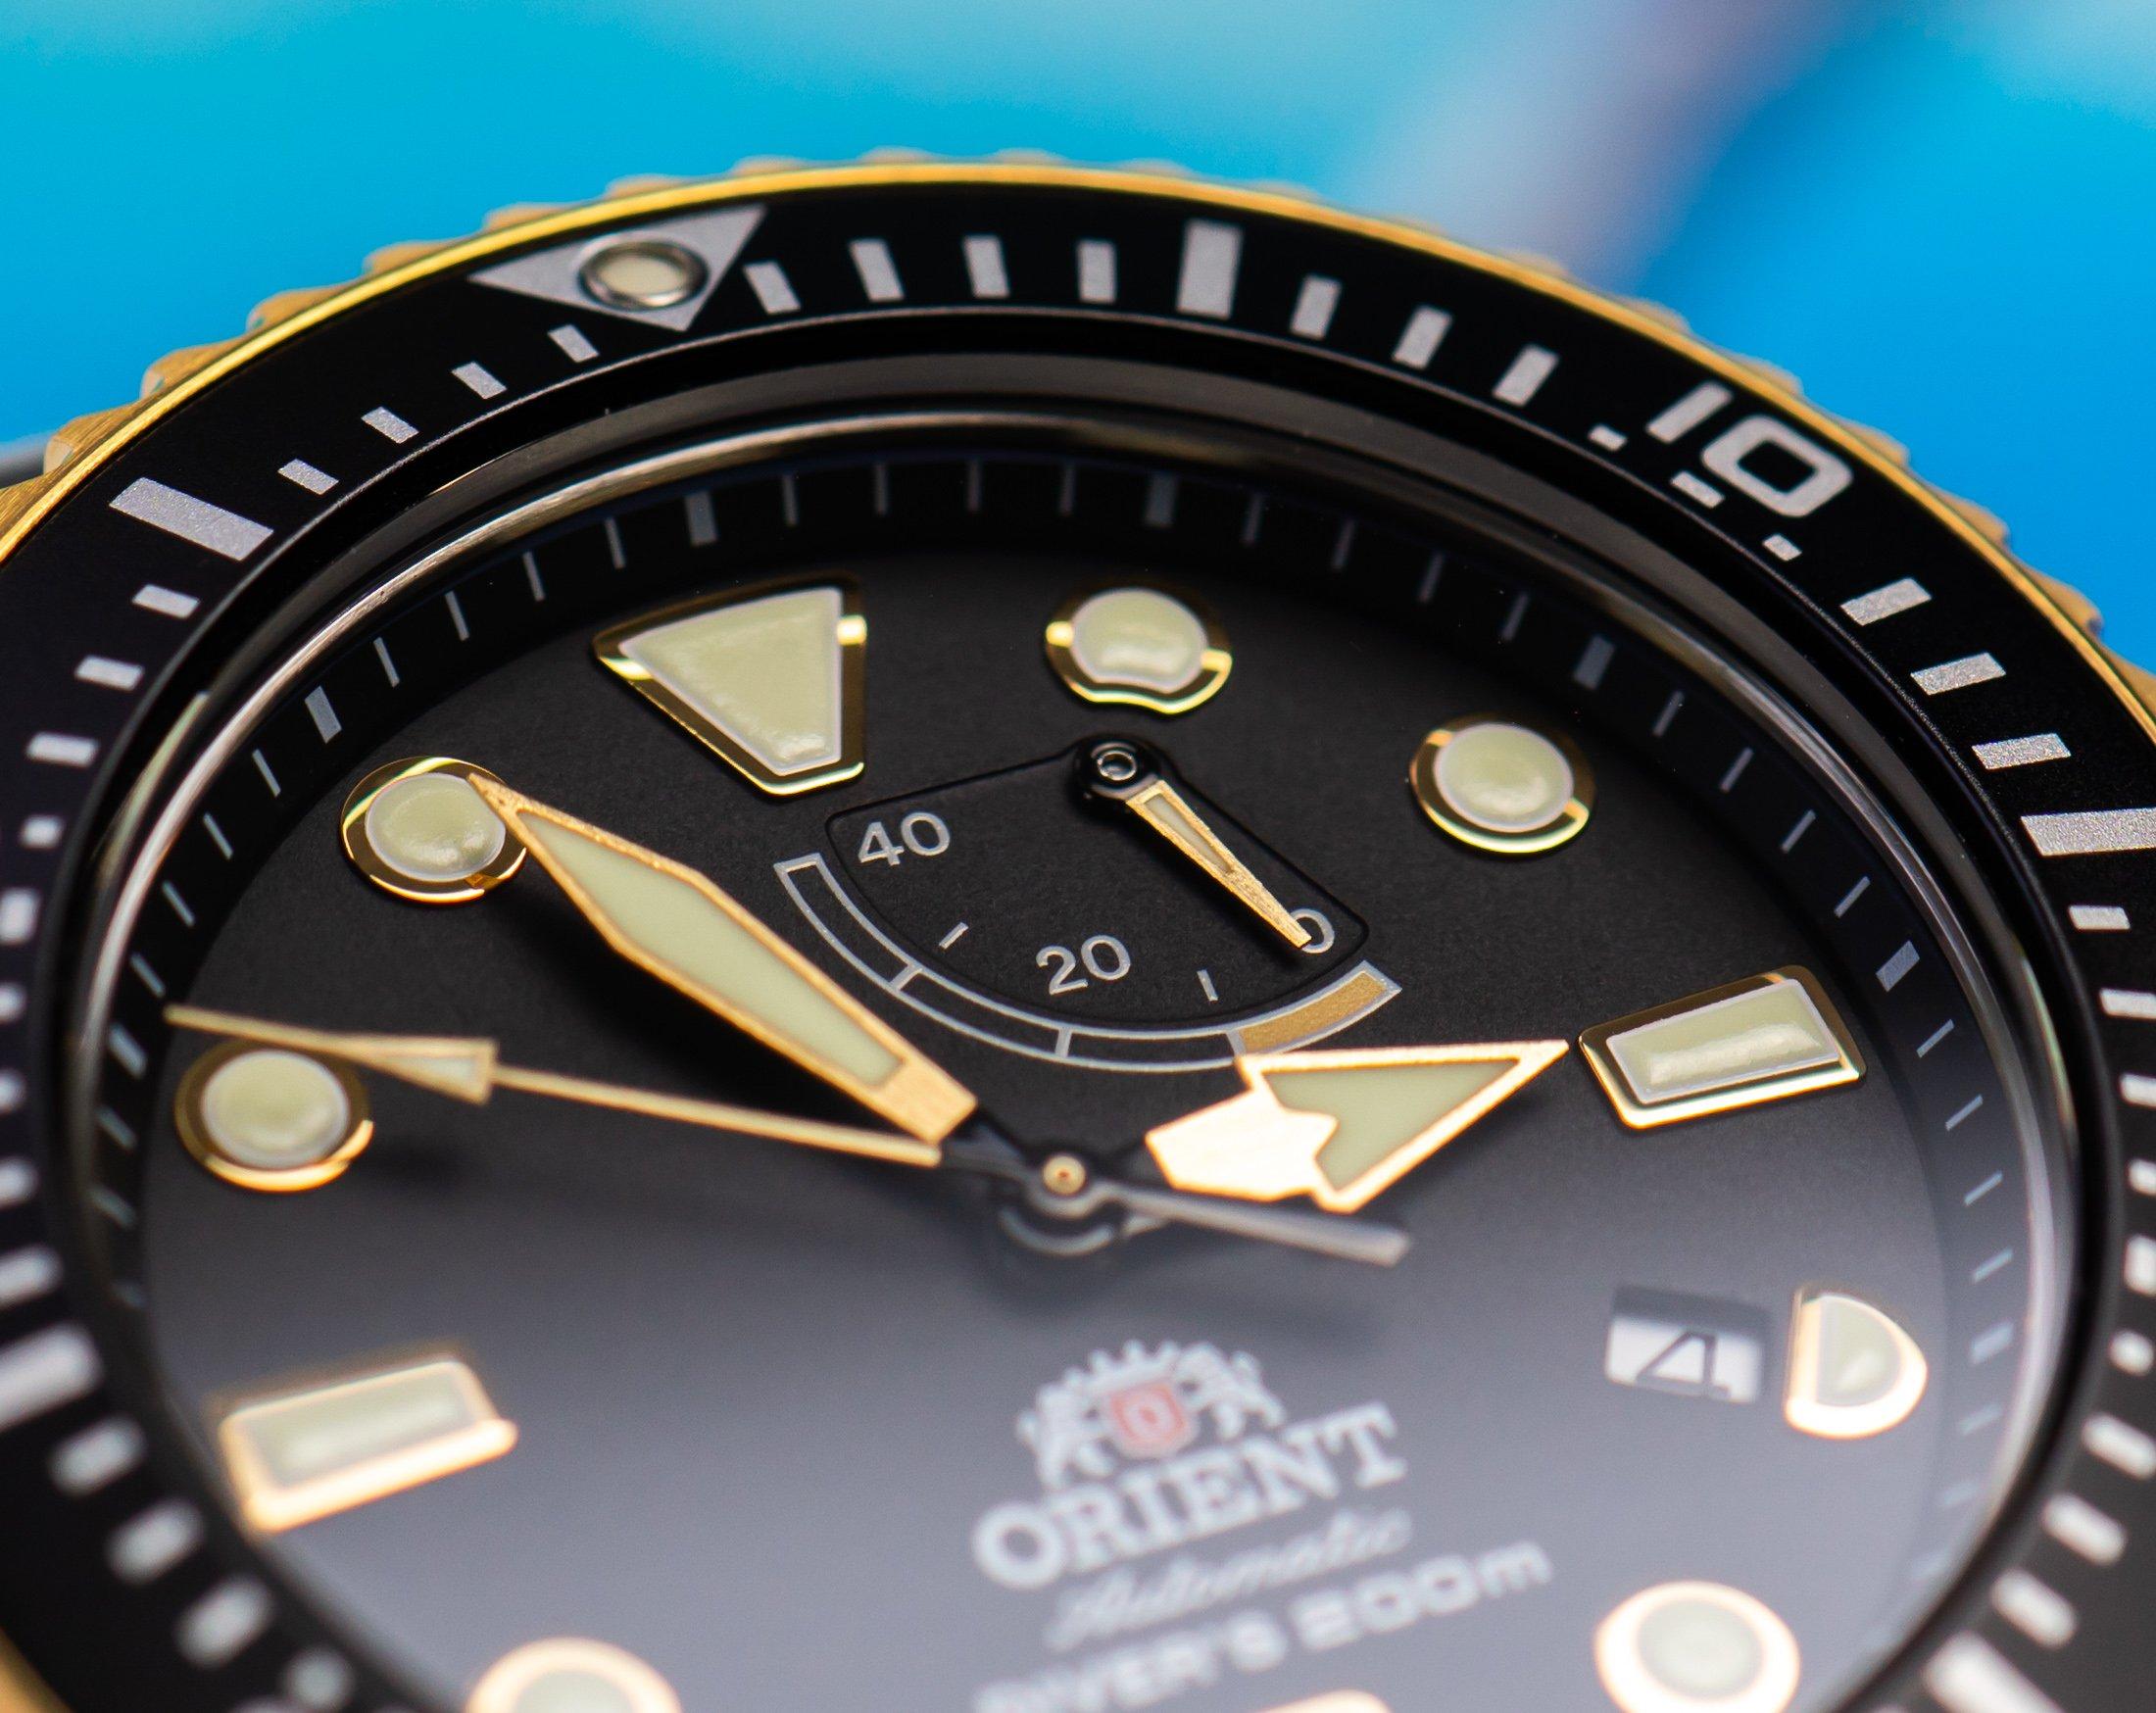 Orient-Triton-Automatik-Taucher-Uhr-Gangreserveanzeige